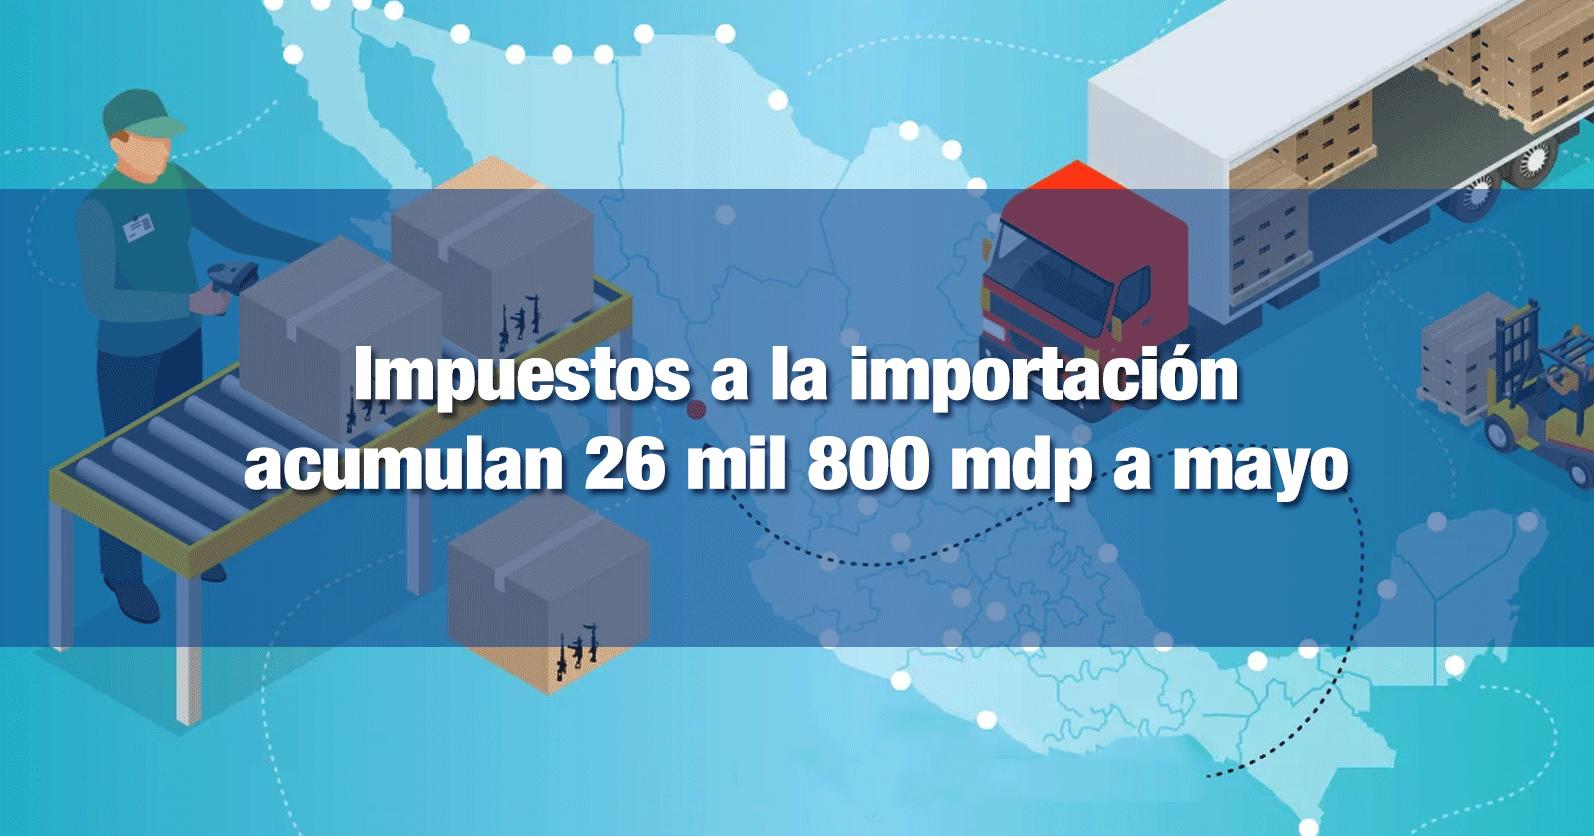 Impuestos a la importación acumulan 26 mil 800 mdp a mayo